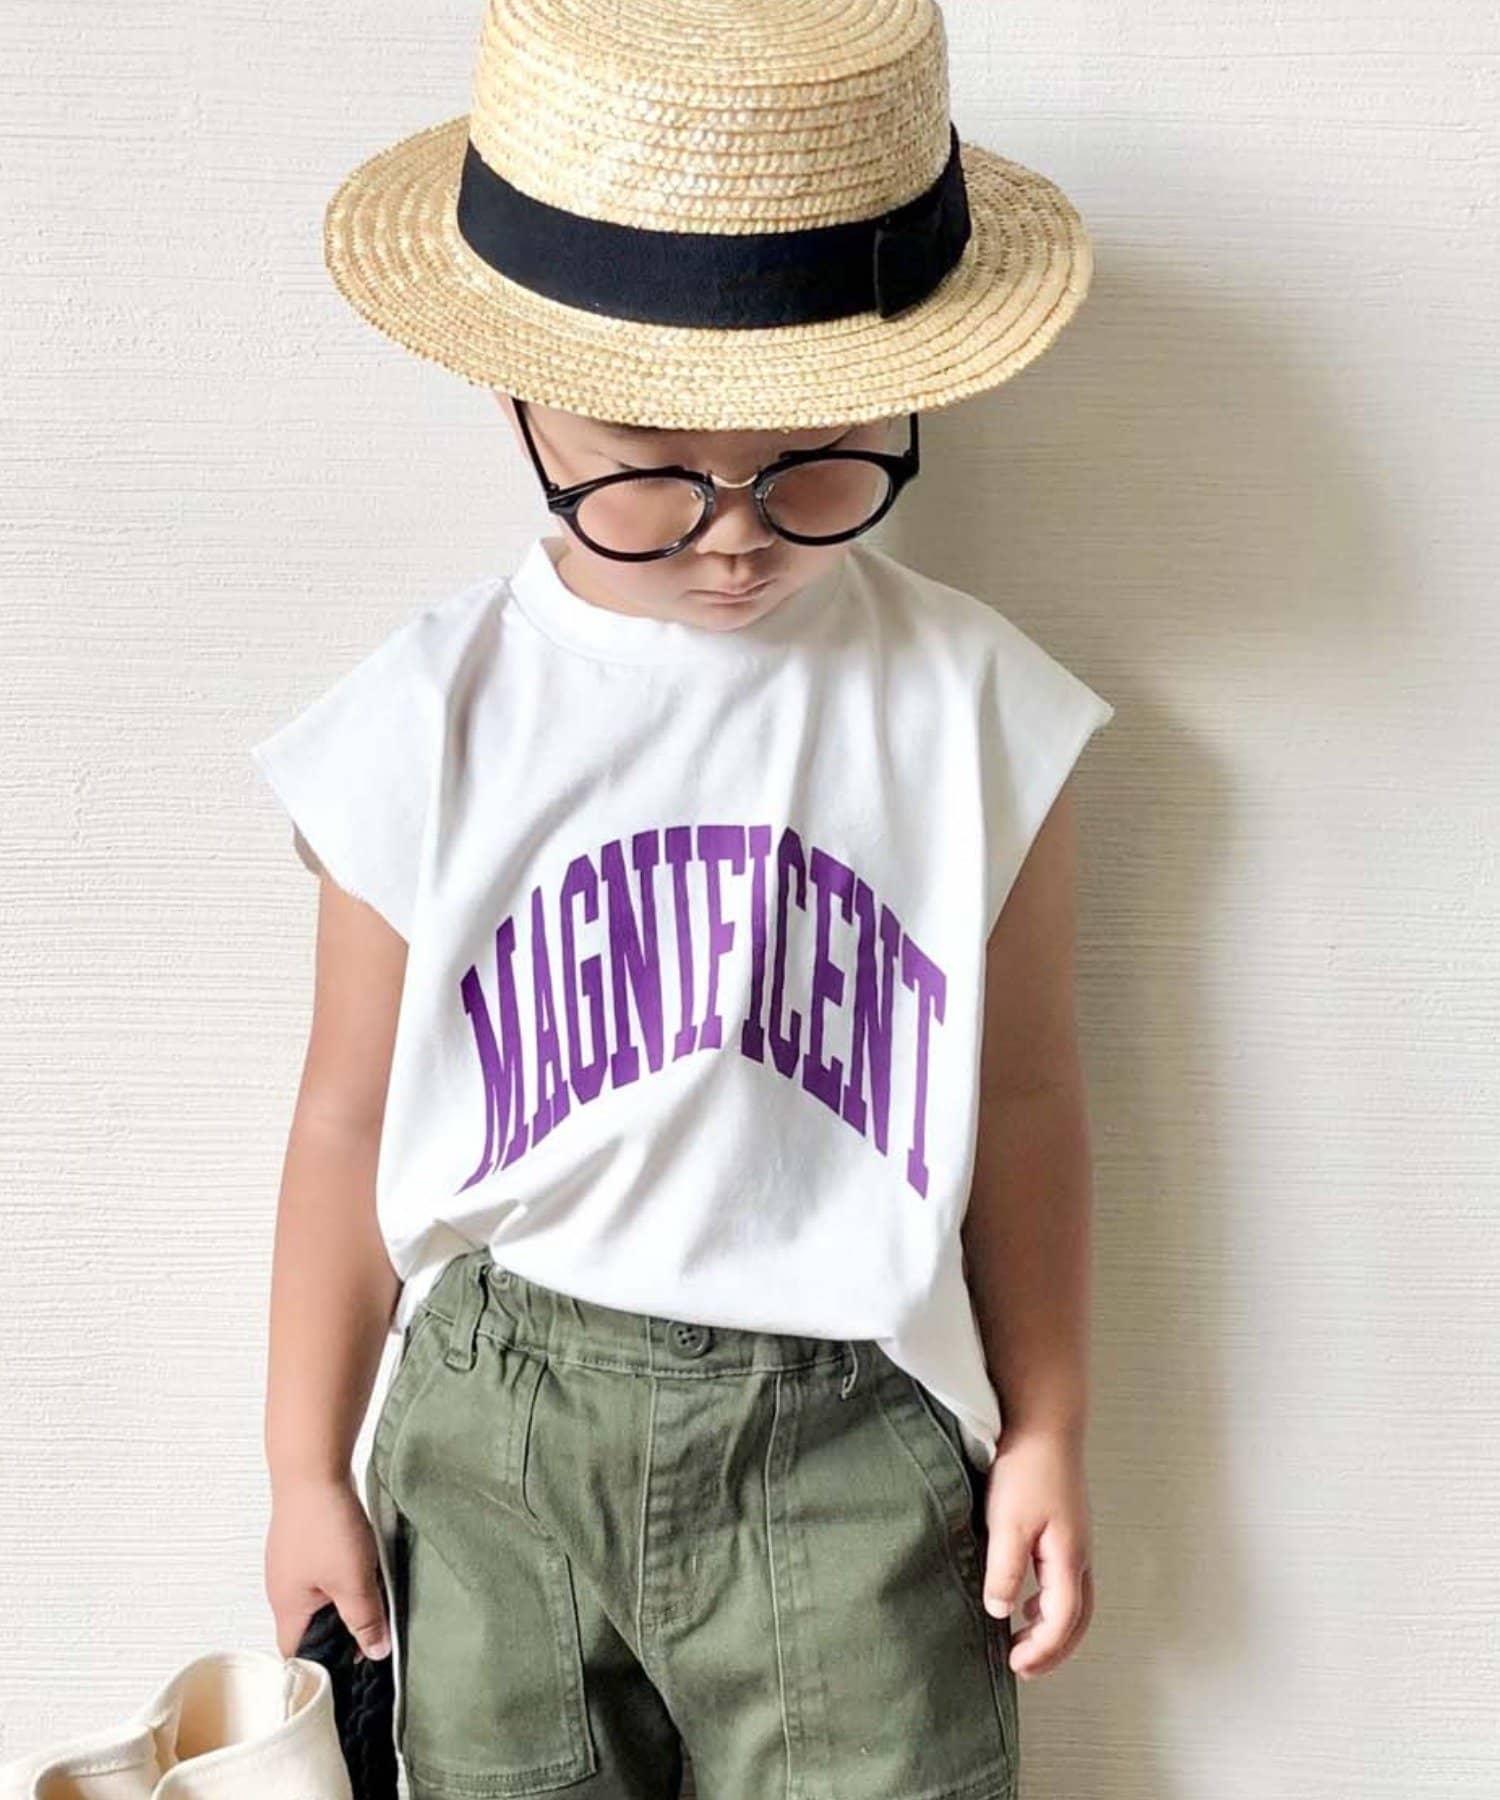 CIAOPANIC TYPY(チャオパニックティピー) 【KIDS】MAGNIFICENT カレッジPt ノースリーブチュニックTee